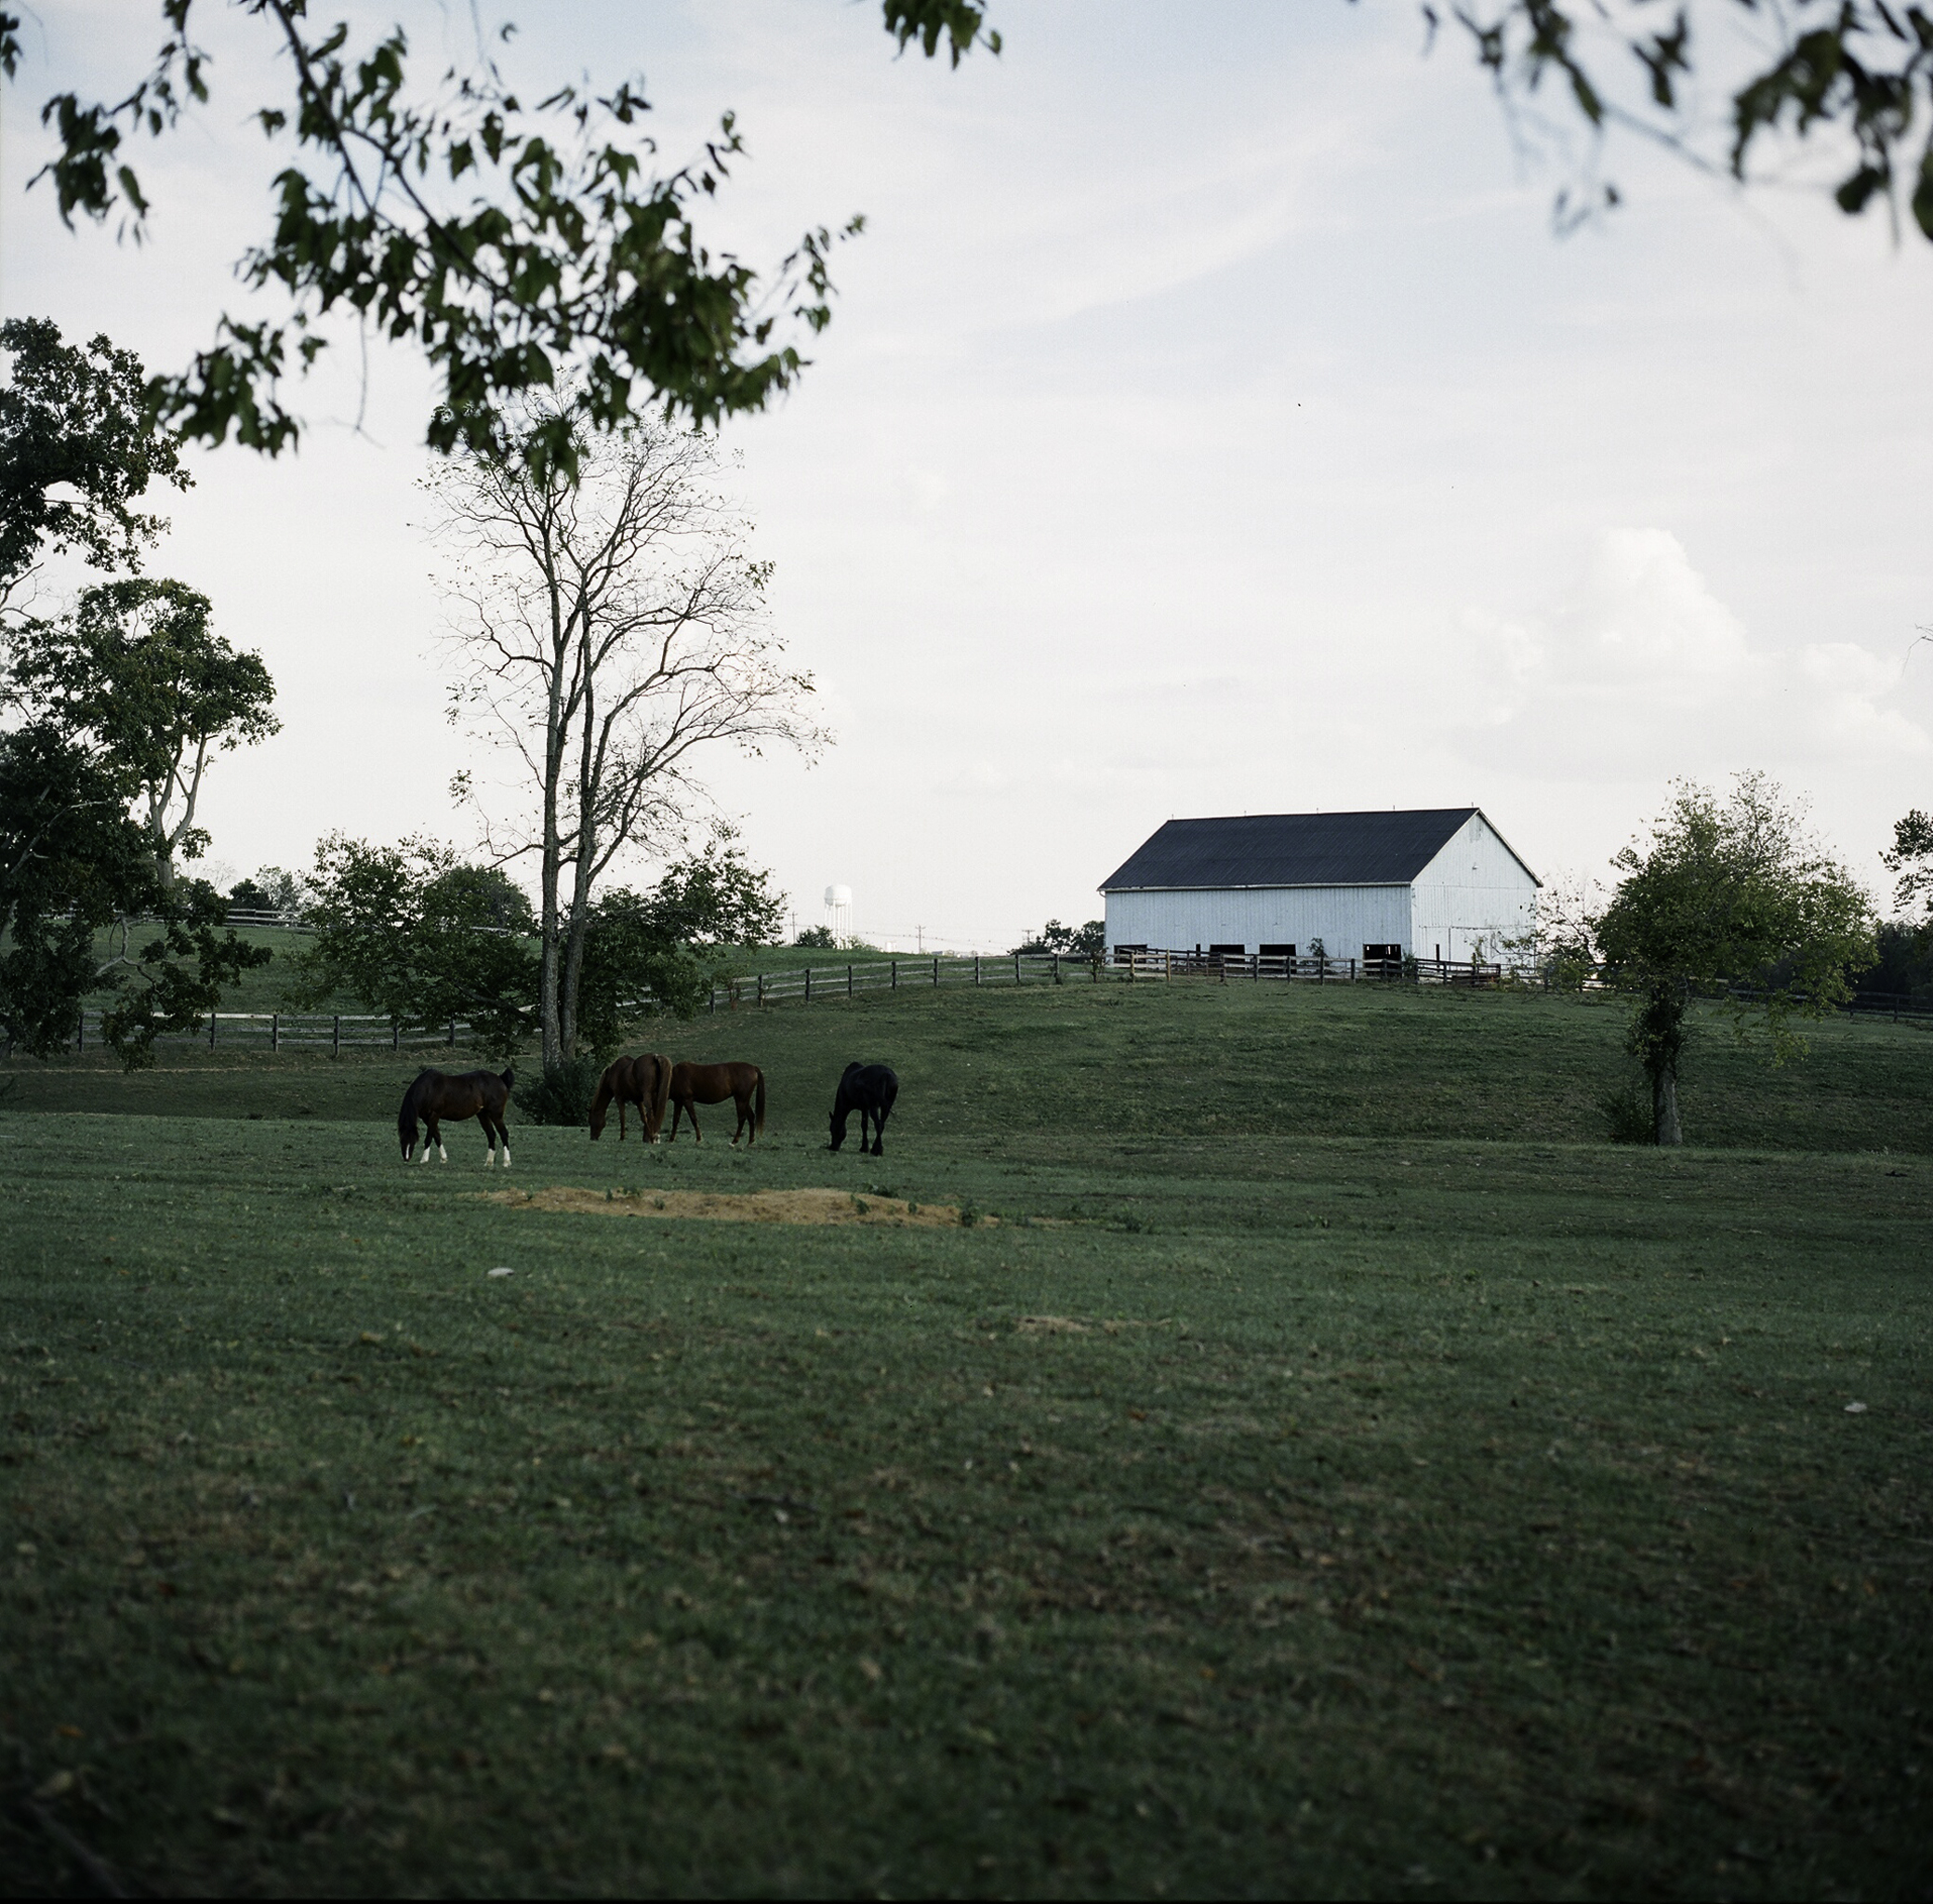 A Field at Walnut Way